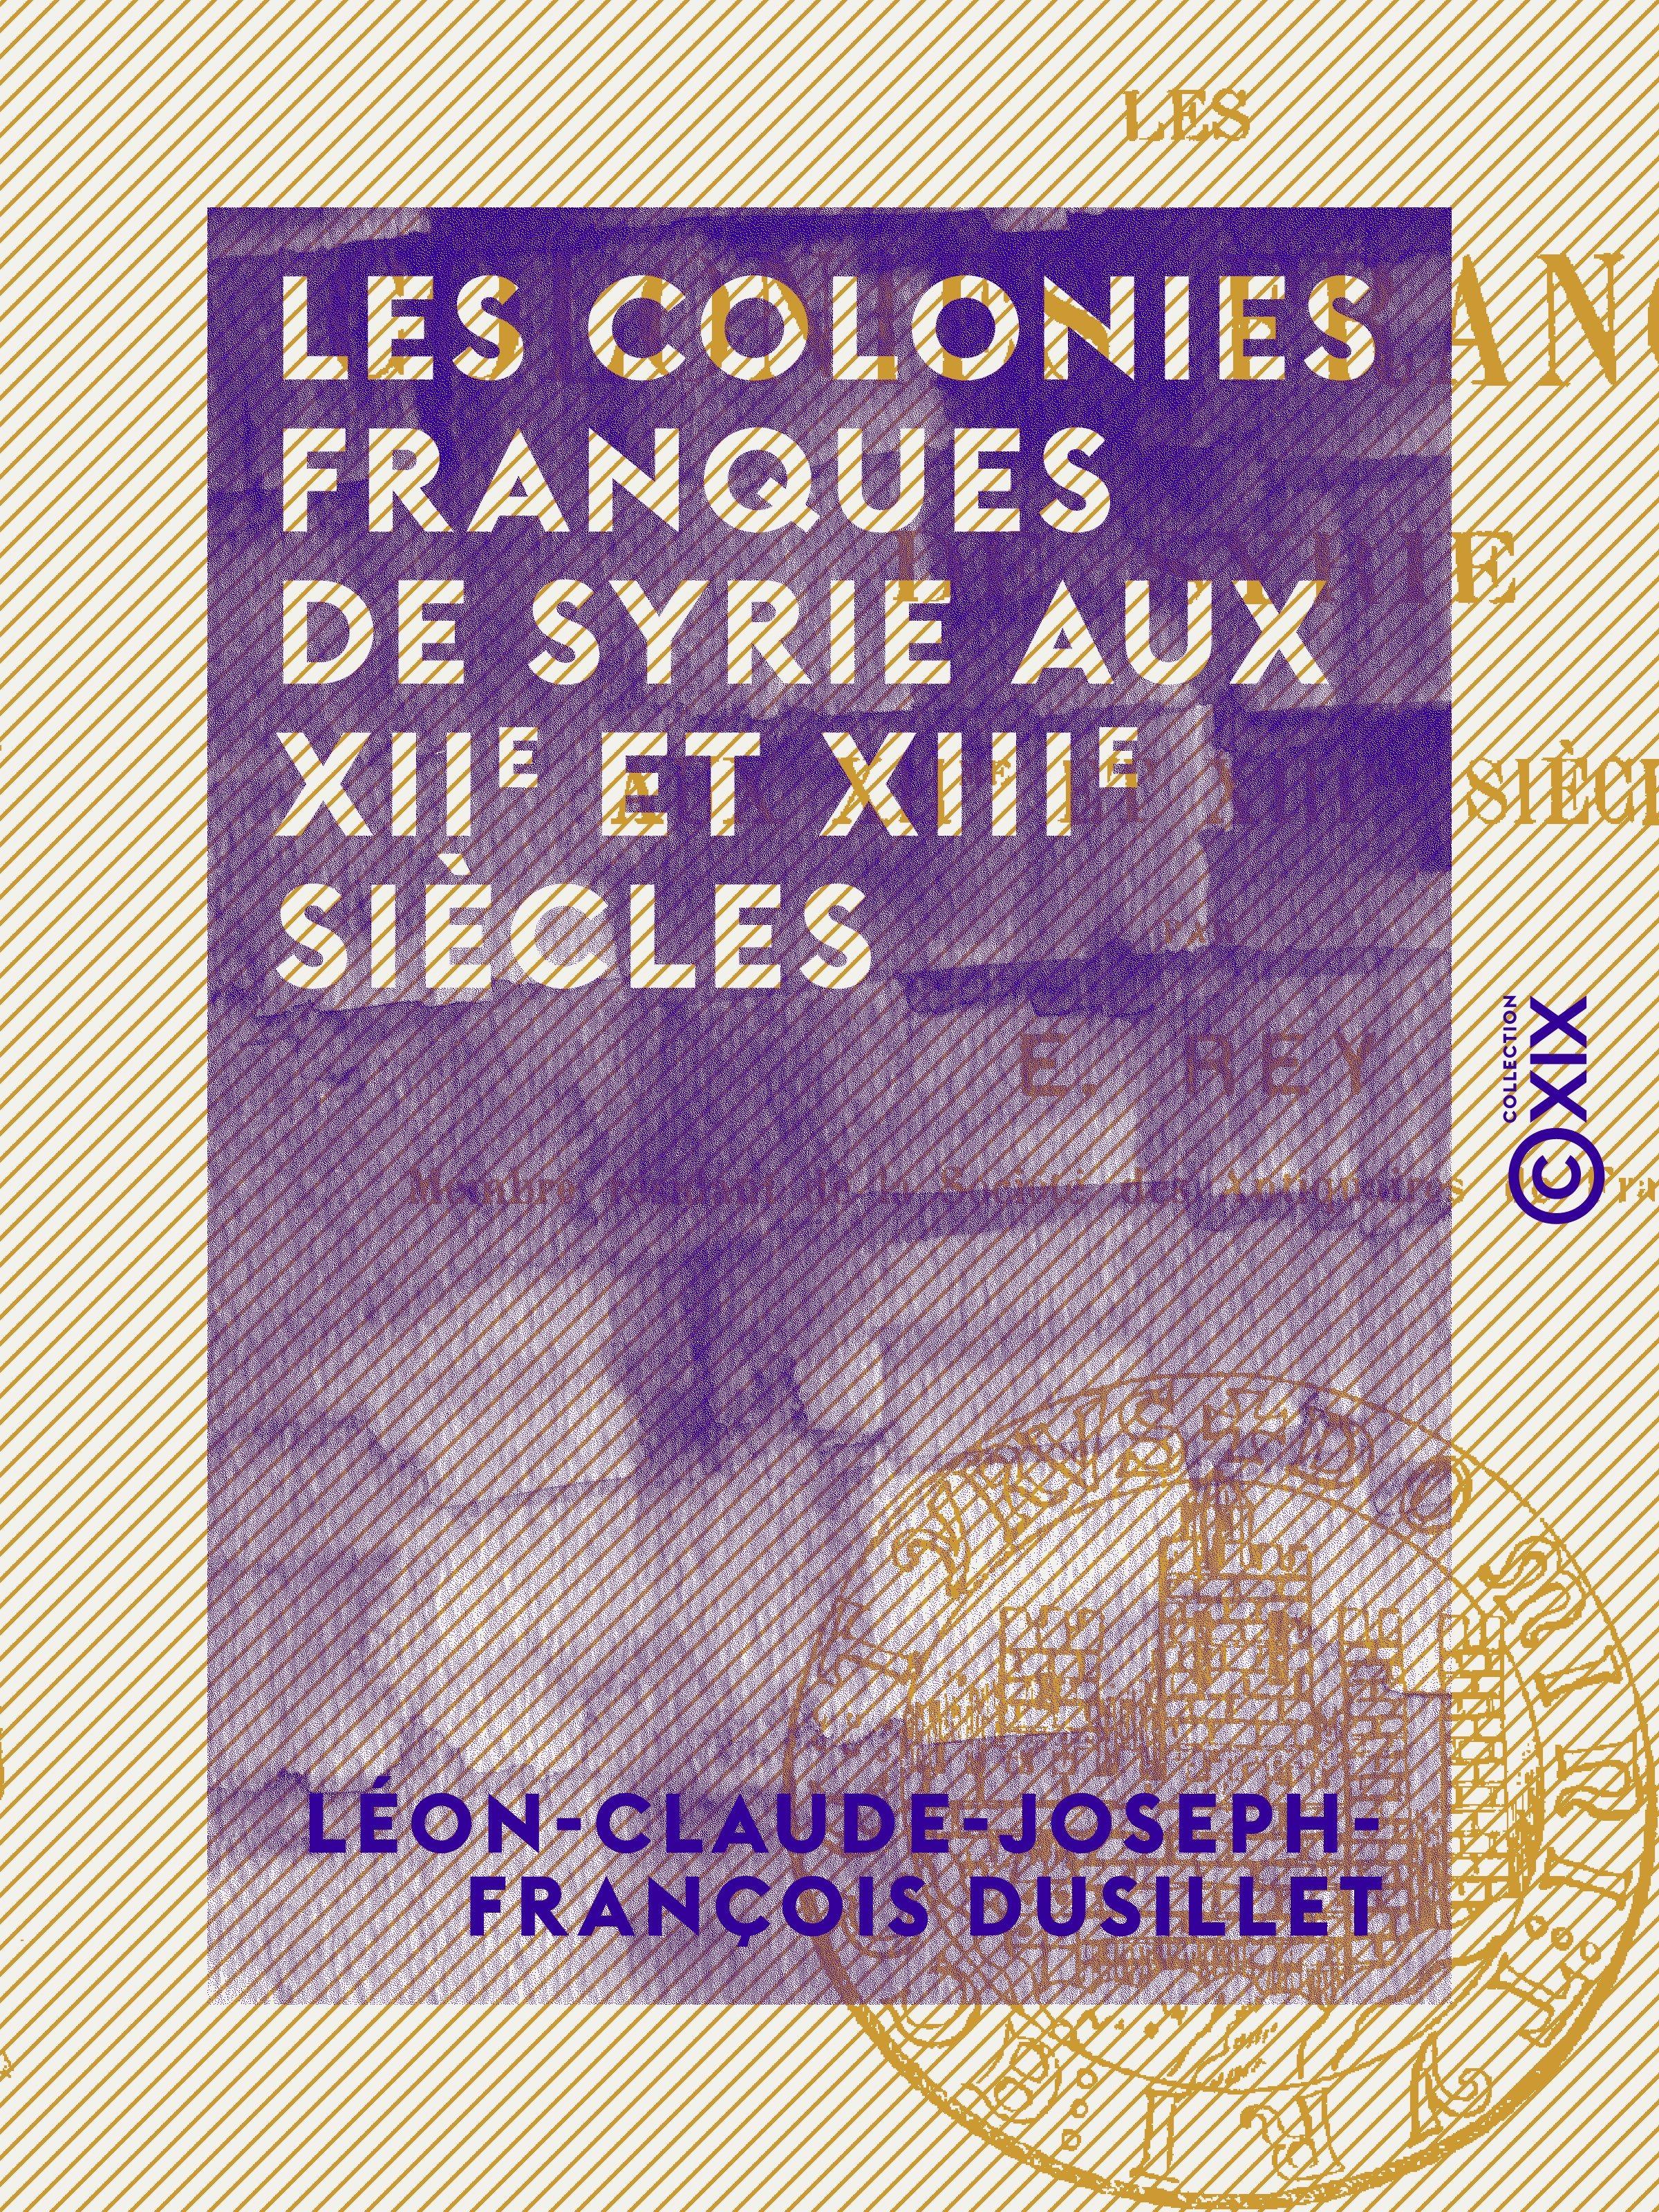 Les Colonies franques de Syrie aux XIIe et XIIIe siècles